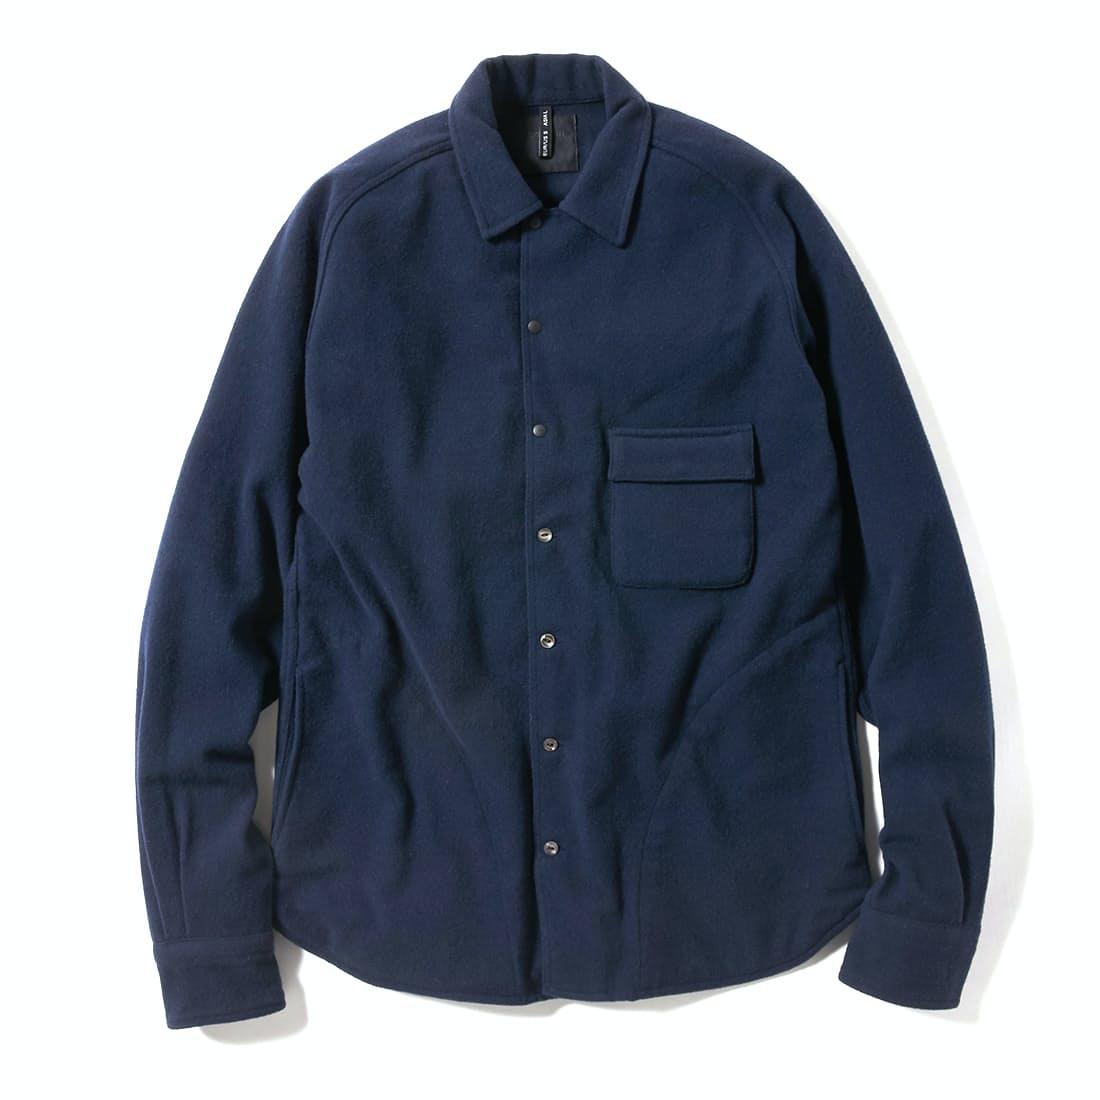 K1s9b8zprh goldwin coverall shirt jacket 0 original